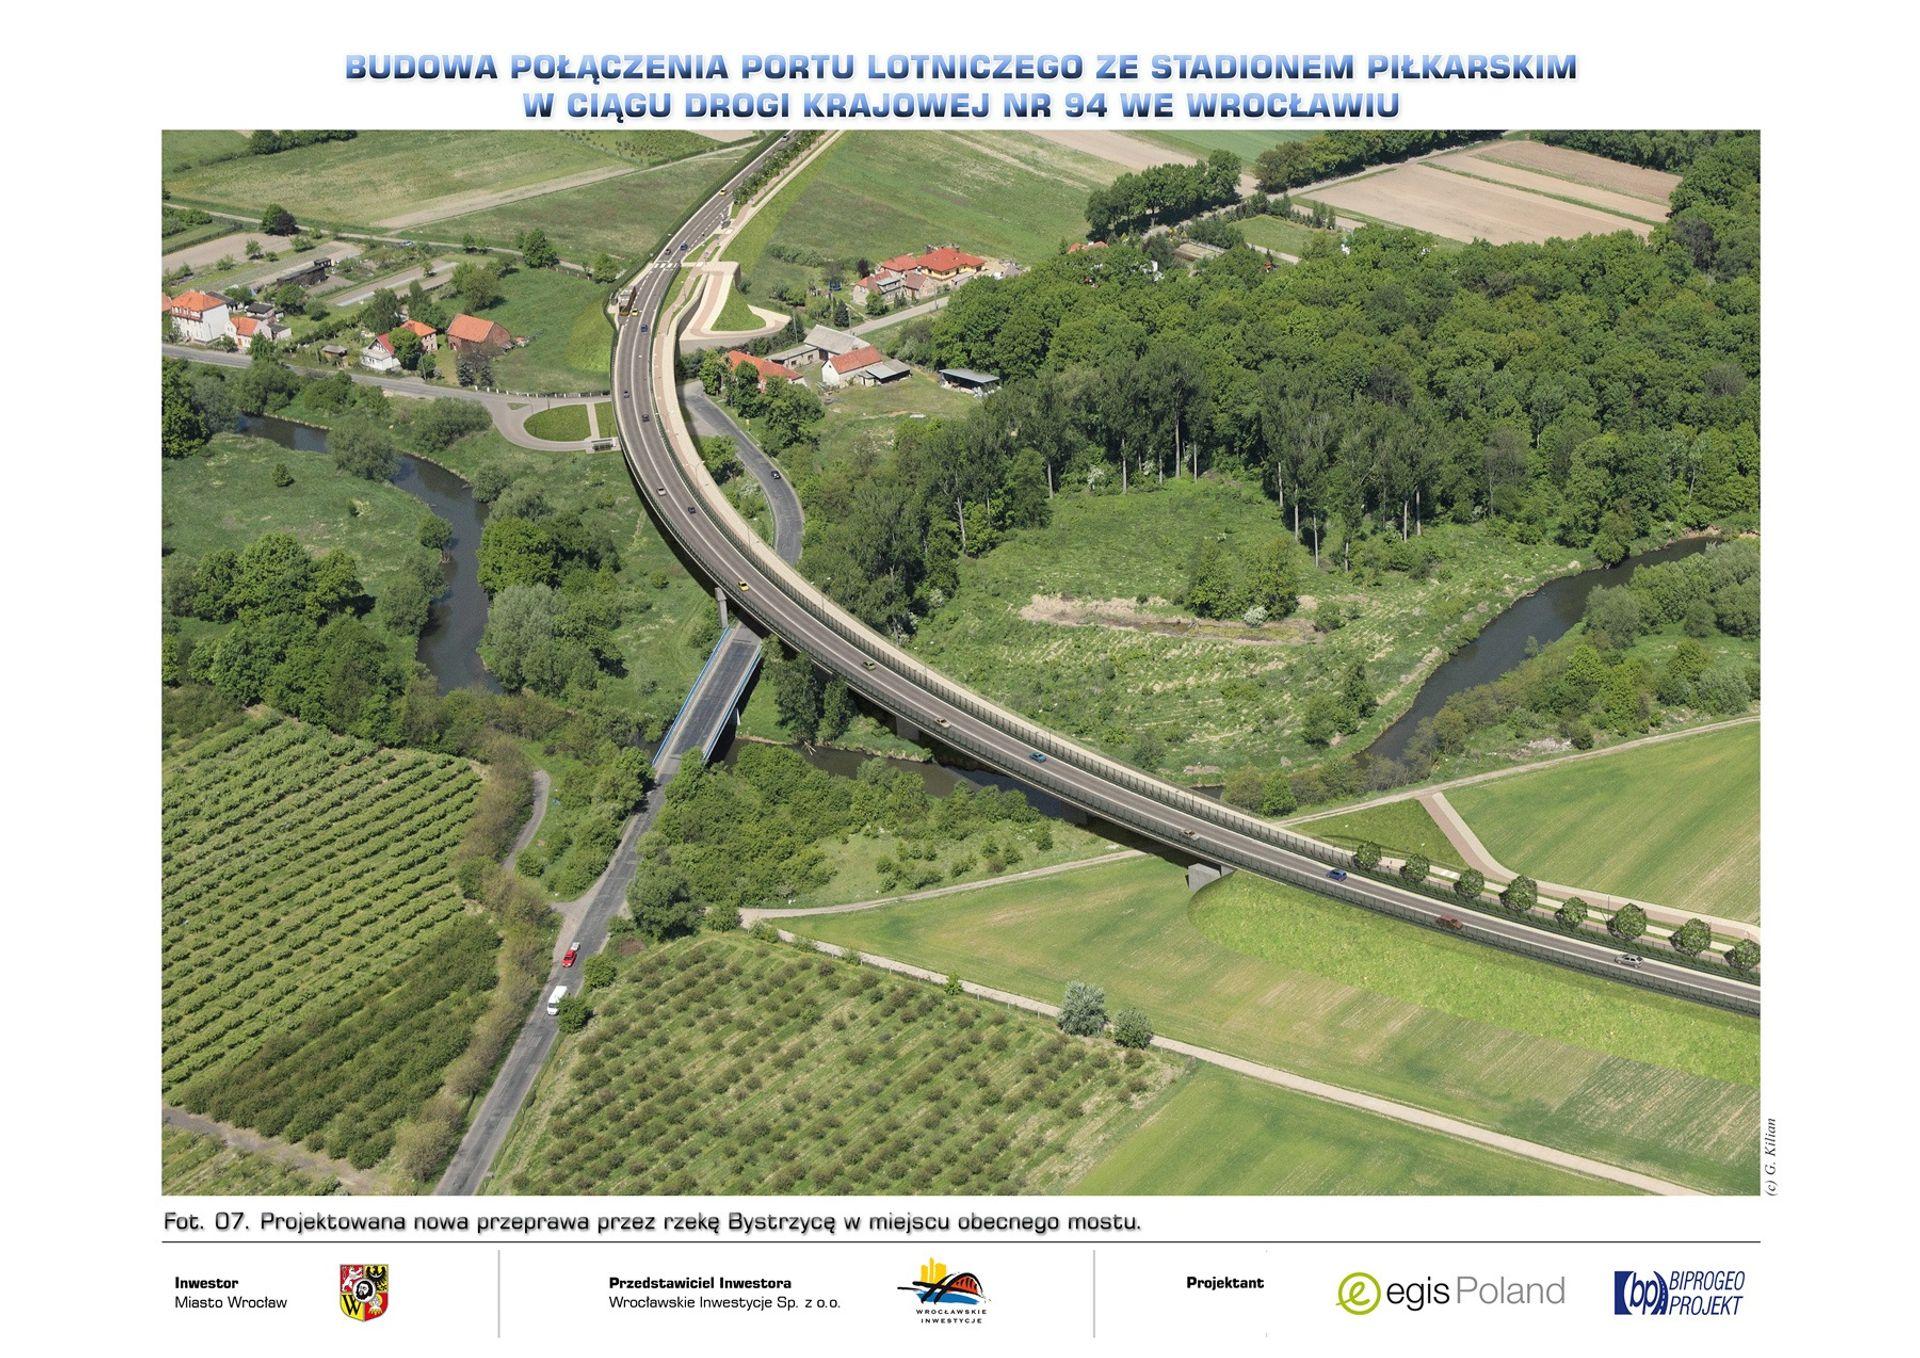 [Wrocław] Ponad 2 mln złotych za projekt drugiego etapu obwodnicy Leśnicy